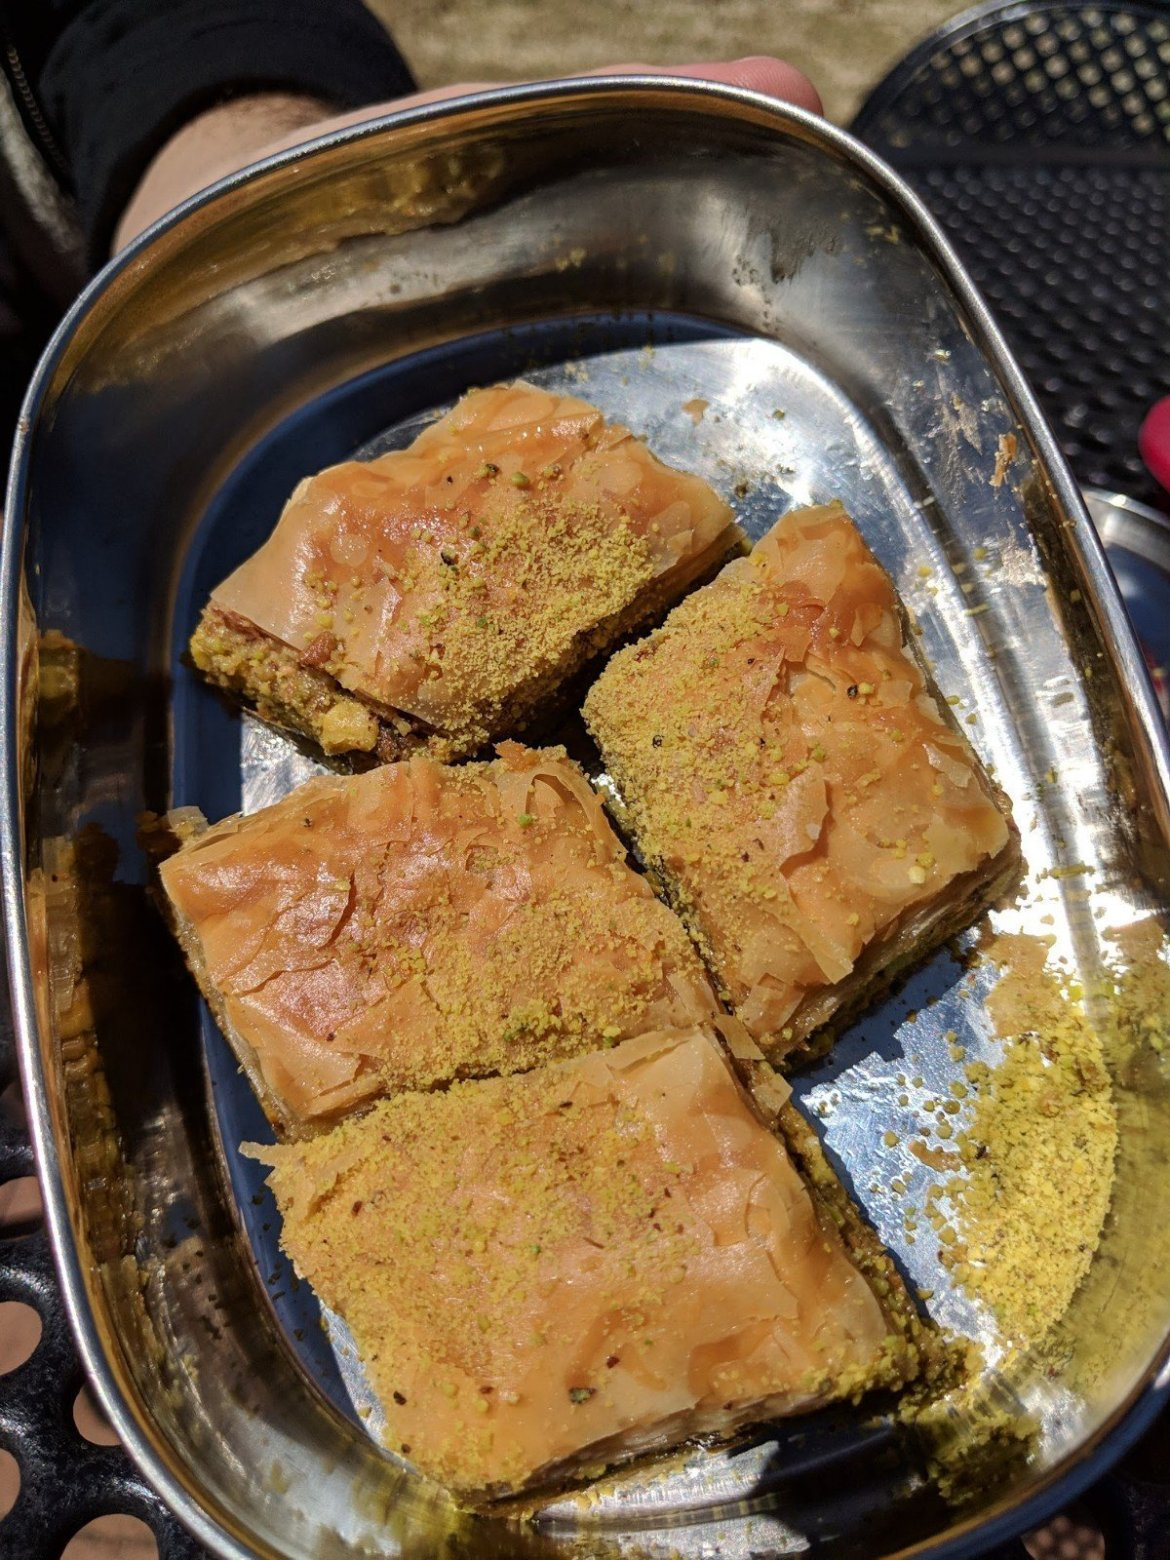 vegan baklava from Jerusalem Market